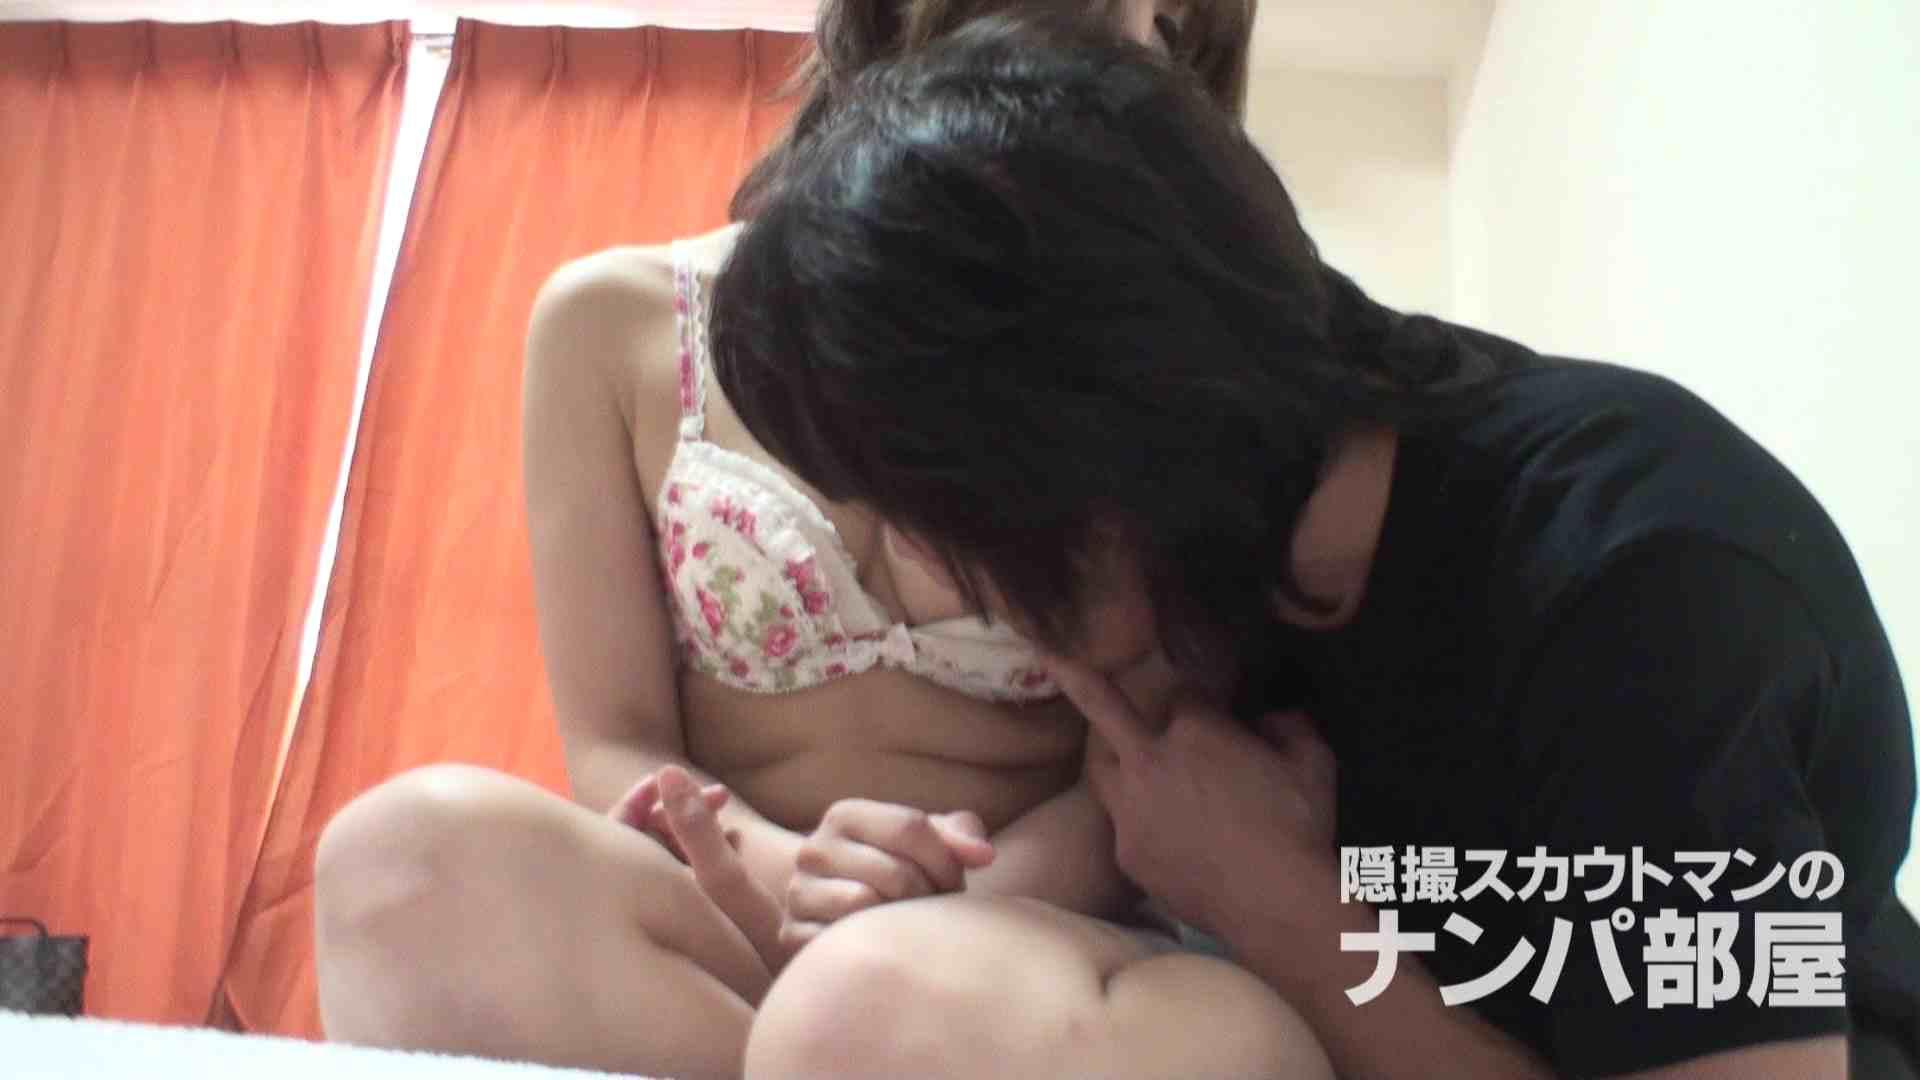 隠撮スカウトマンのナンパ部屋~風俗デビュー前のつまみ食い~ siivol.2 ナンパ エロ画像 83pic 55